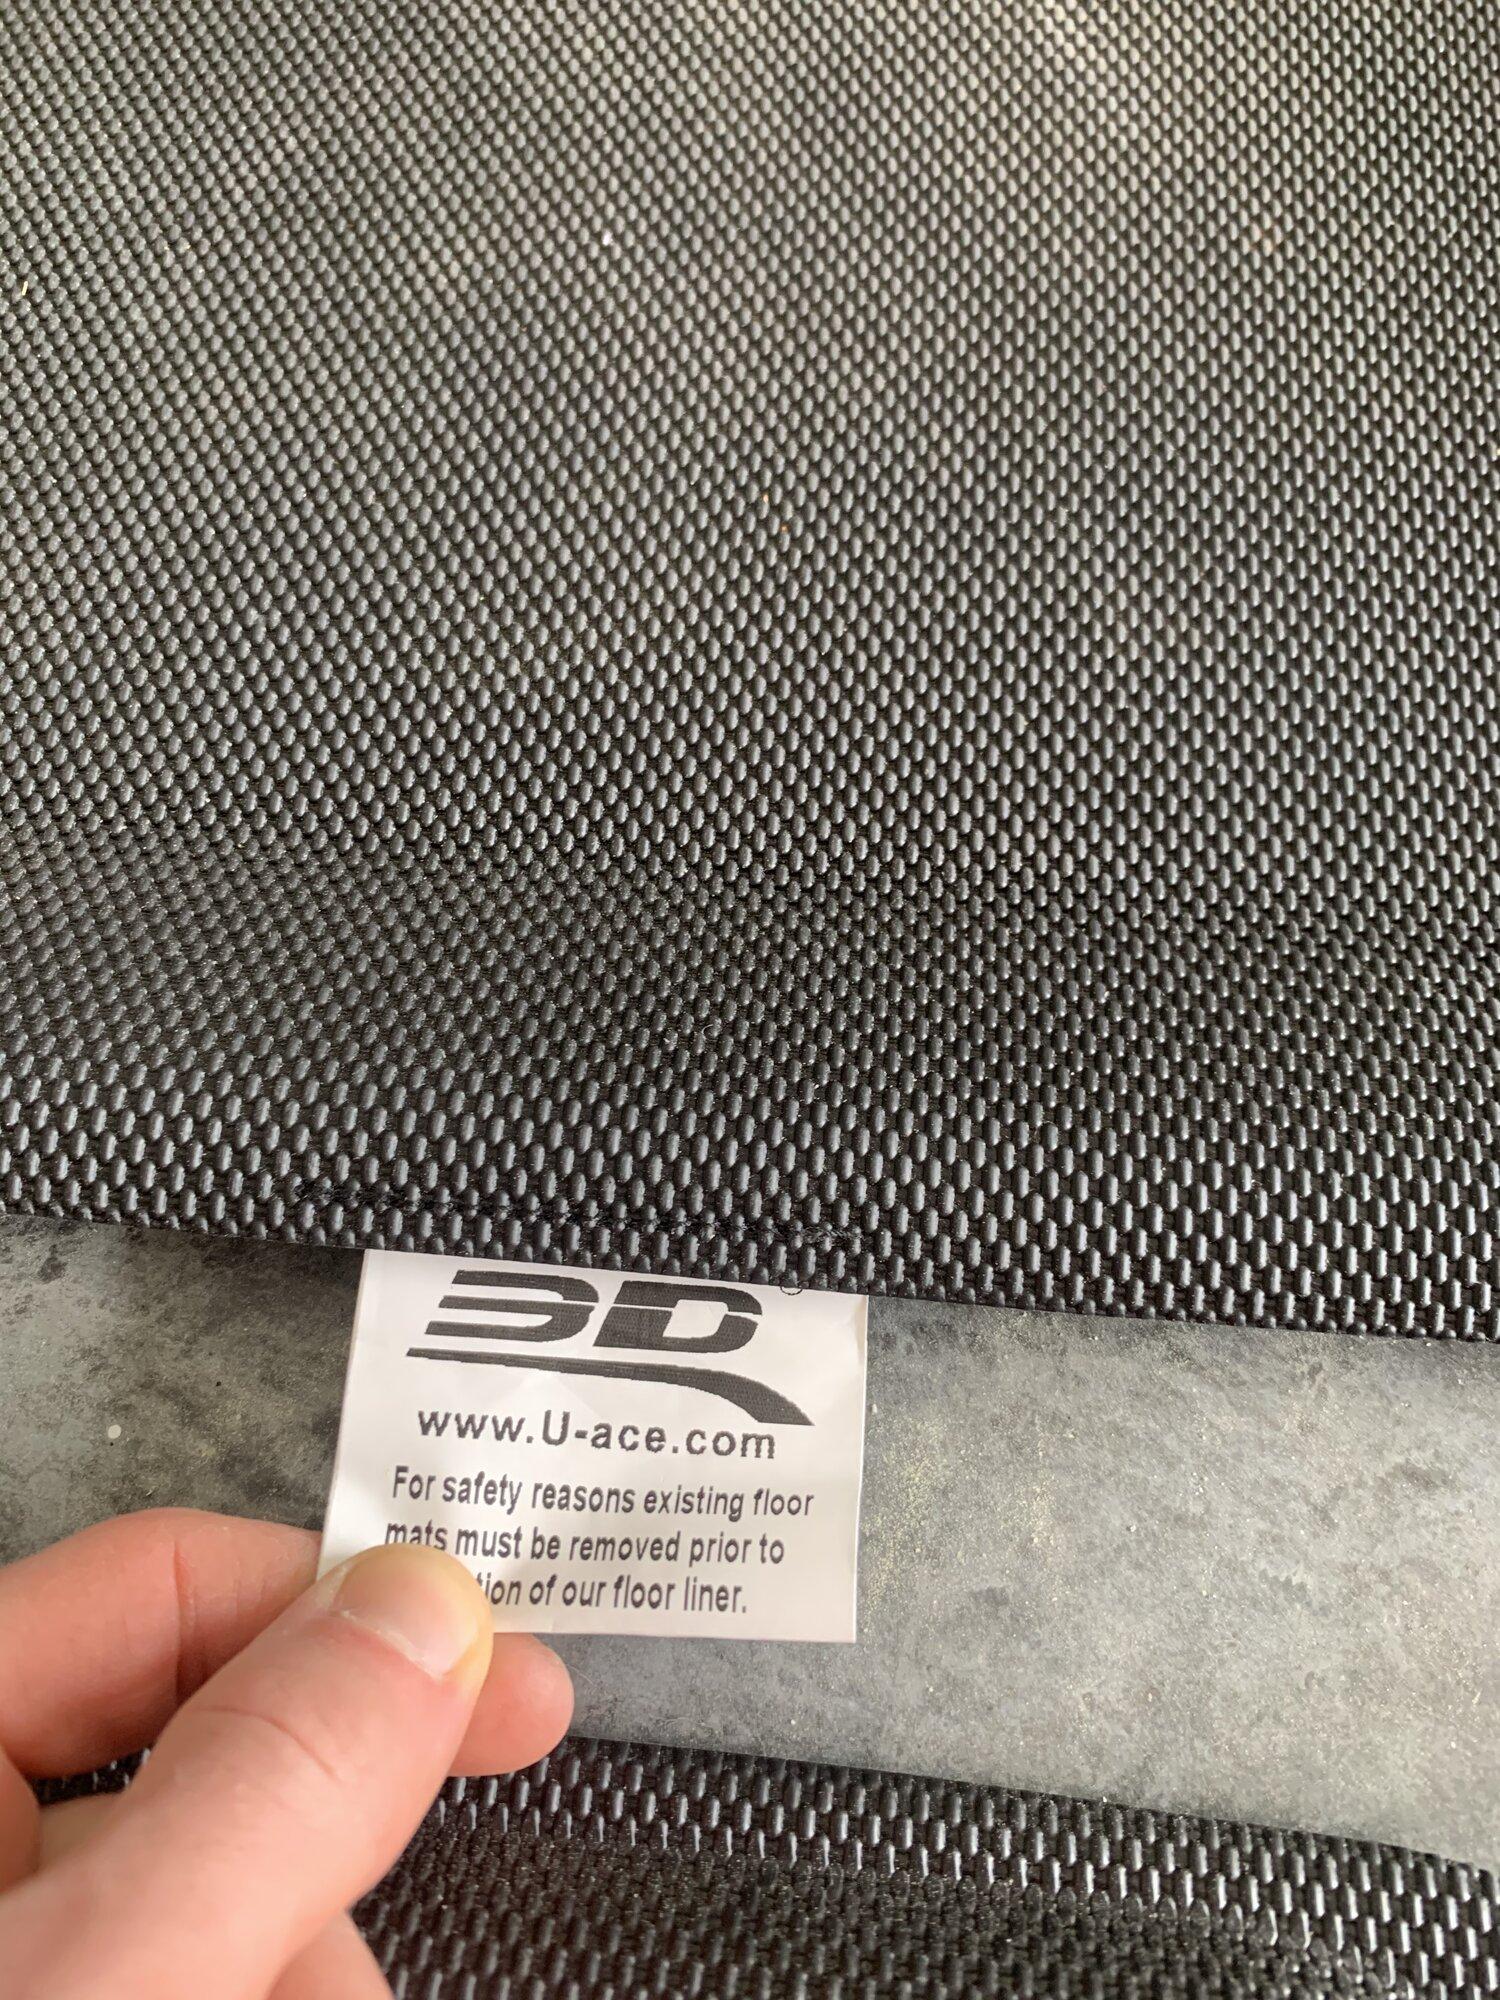 254195D8-FC1D-4F8B-A500-5E41405A5CFB.jpeg